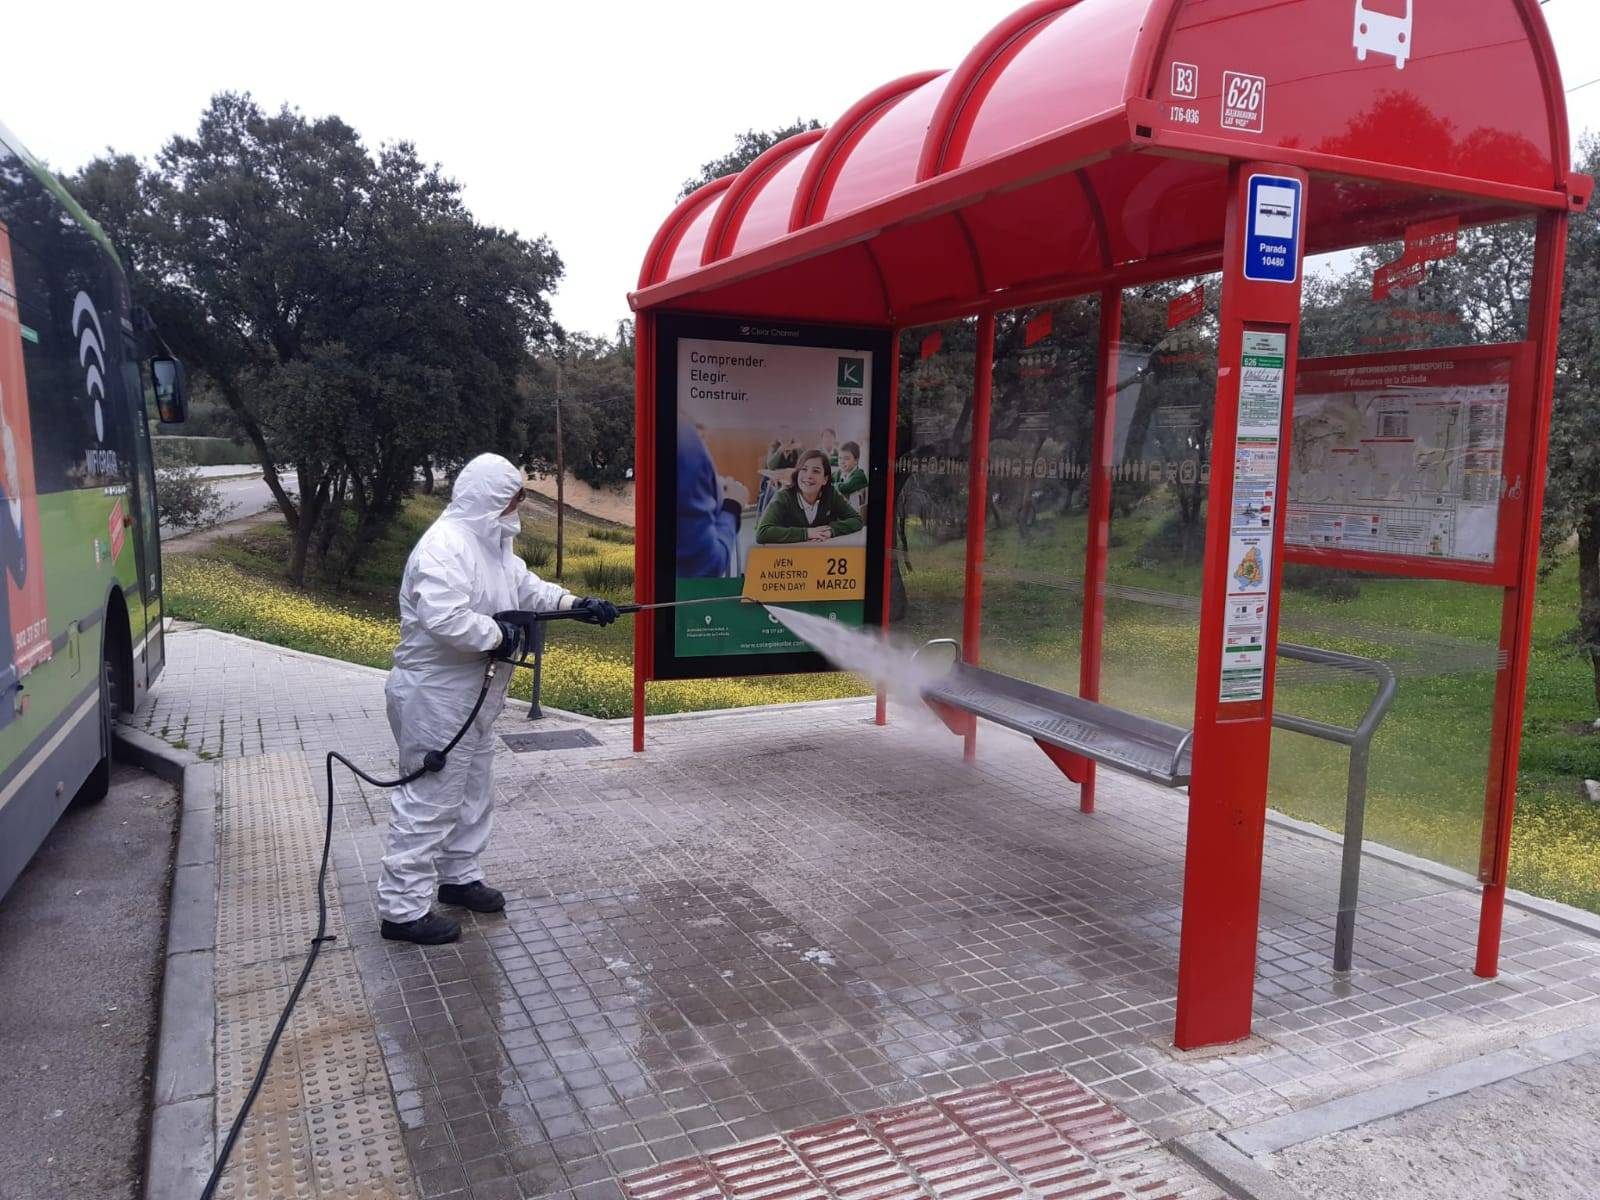 Operario de limpieza trabajando en una de las paradas de autobuses.